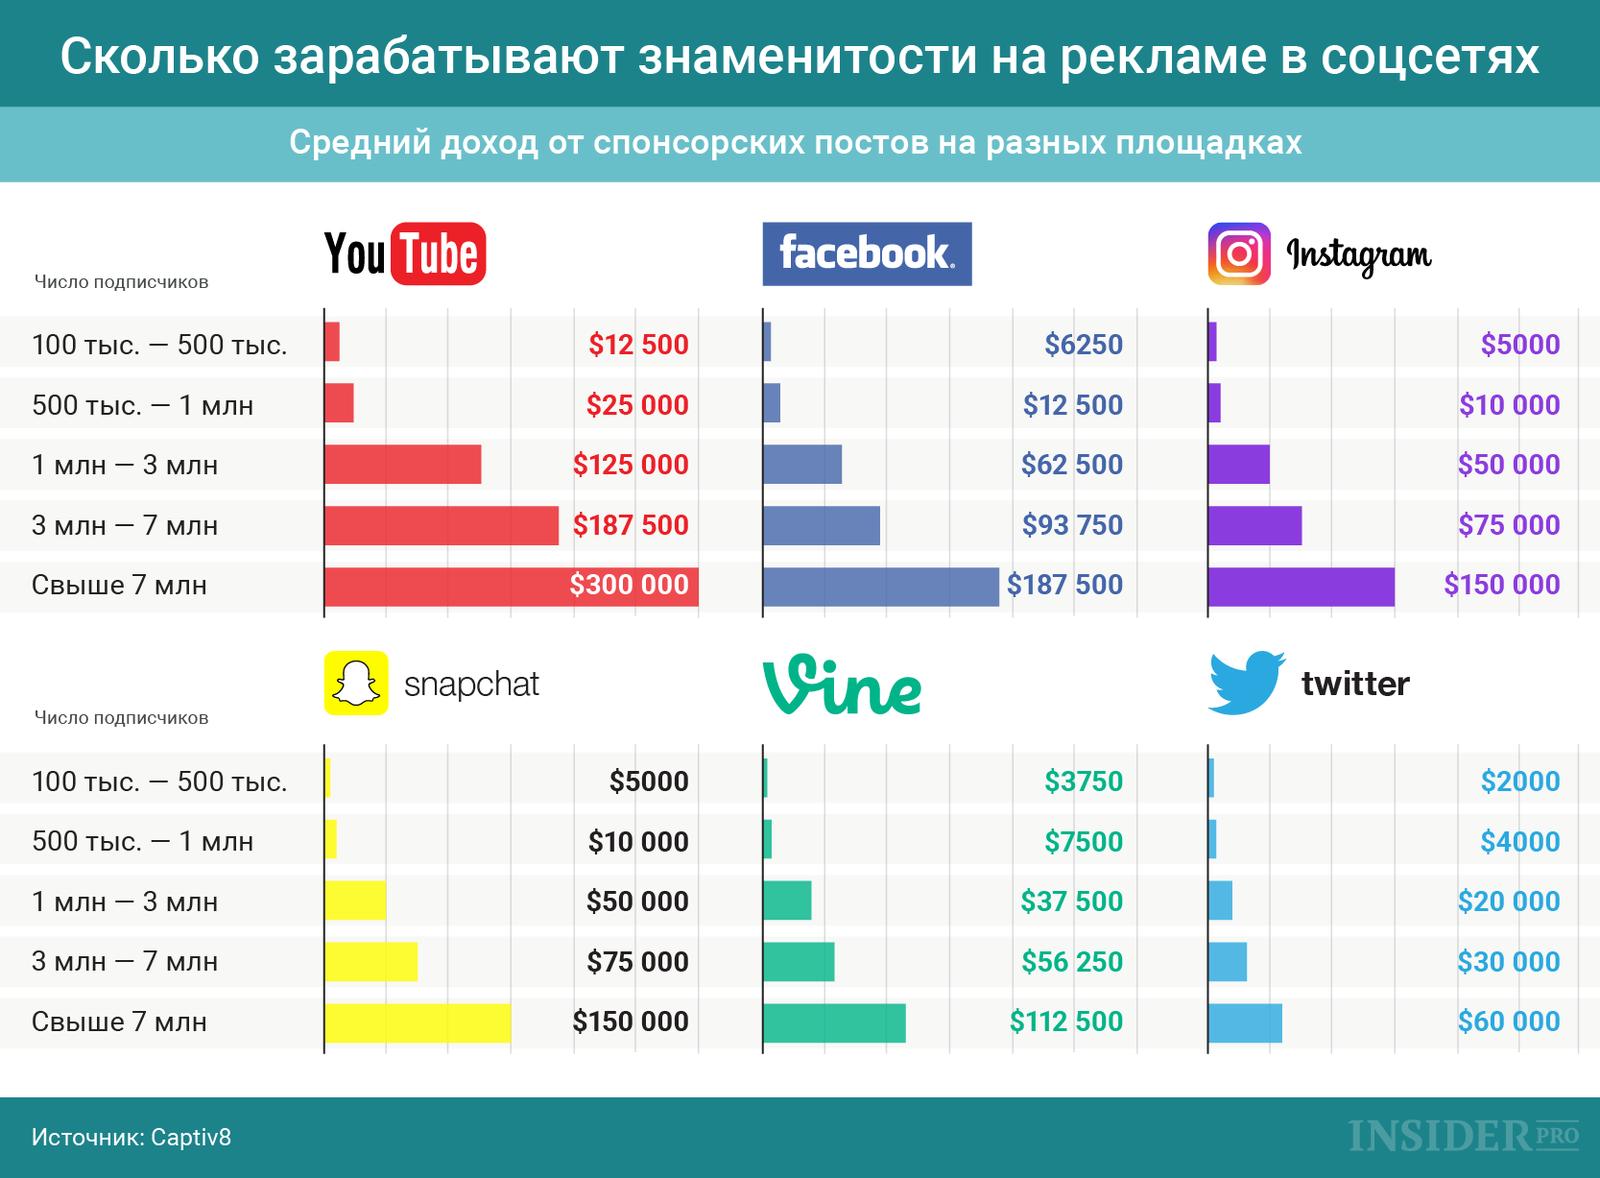 График дня: Сколько зарабатывают знаменитости на рекламе в соцсетях